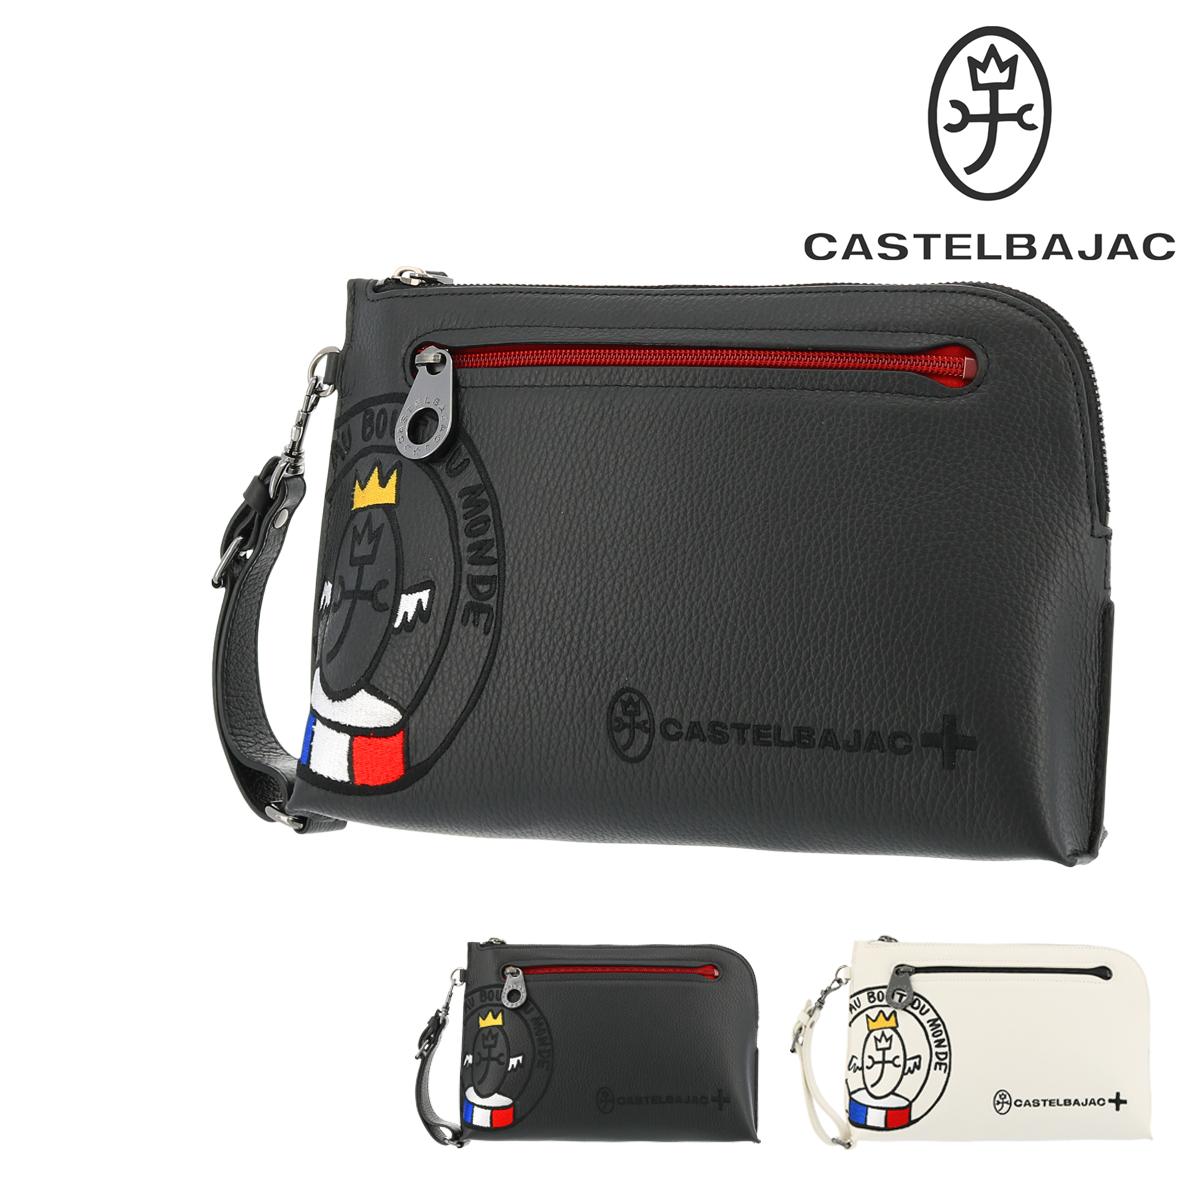 カステルバジャック セカンドバッグ リンク メンズ 30211 CASTELBAJAC | 持ち手 クラッチバッグ 軽量 牛革 本革 レザー [PO10]